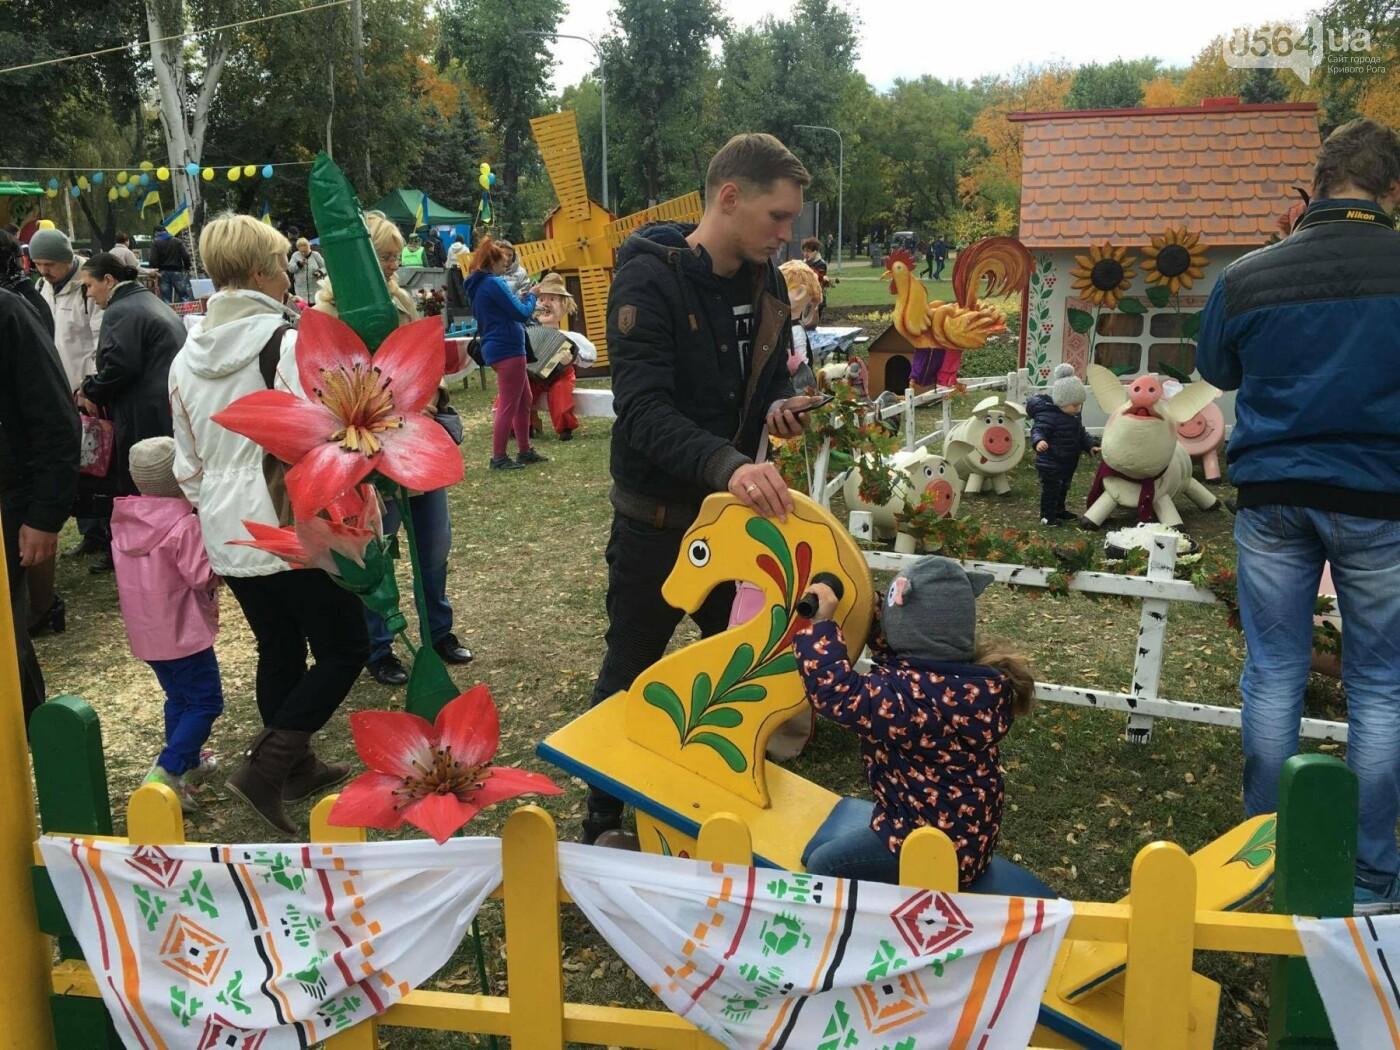 Тысячи криворожан отмечают День украинского козачества на Фестивале в парке Героев (ФОТО, ВИДЕО), фото-22